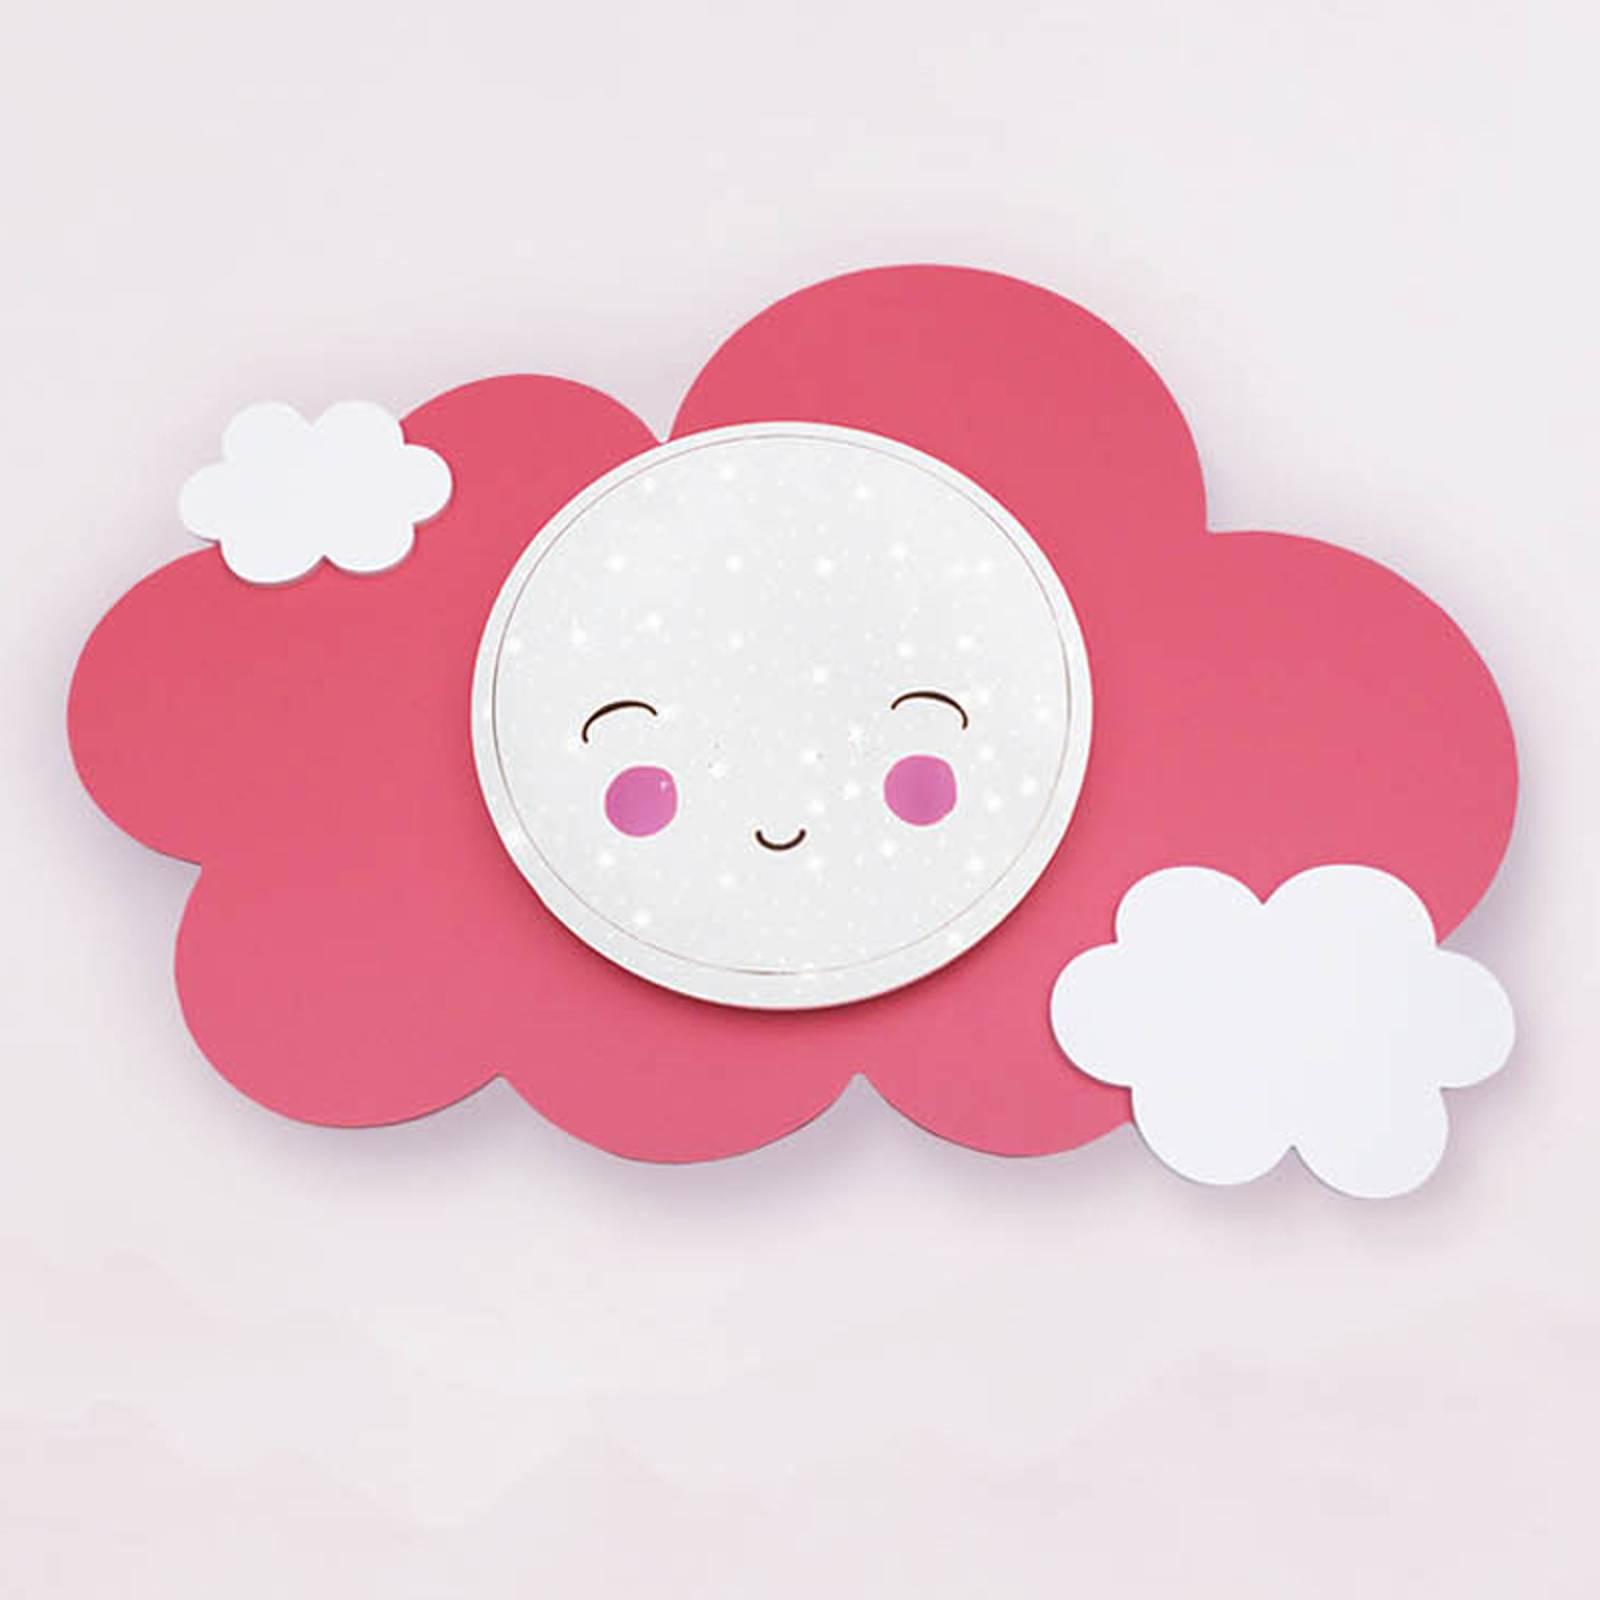 LED-Wandleuchte Bildwolke Starlight Smile, rosa